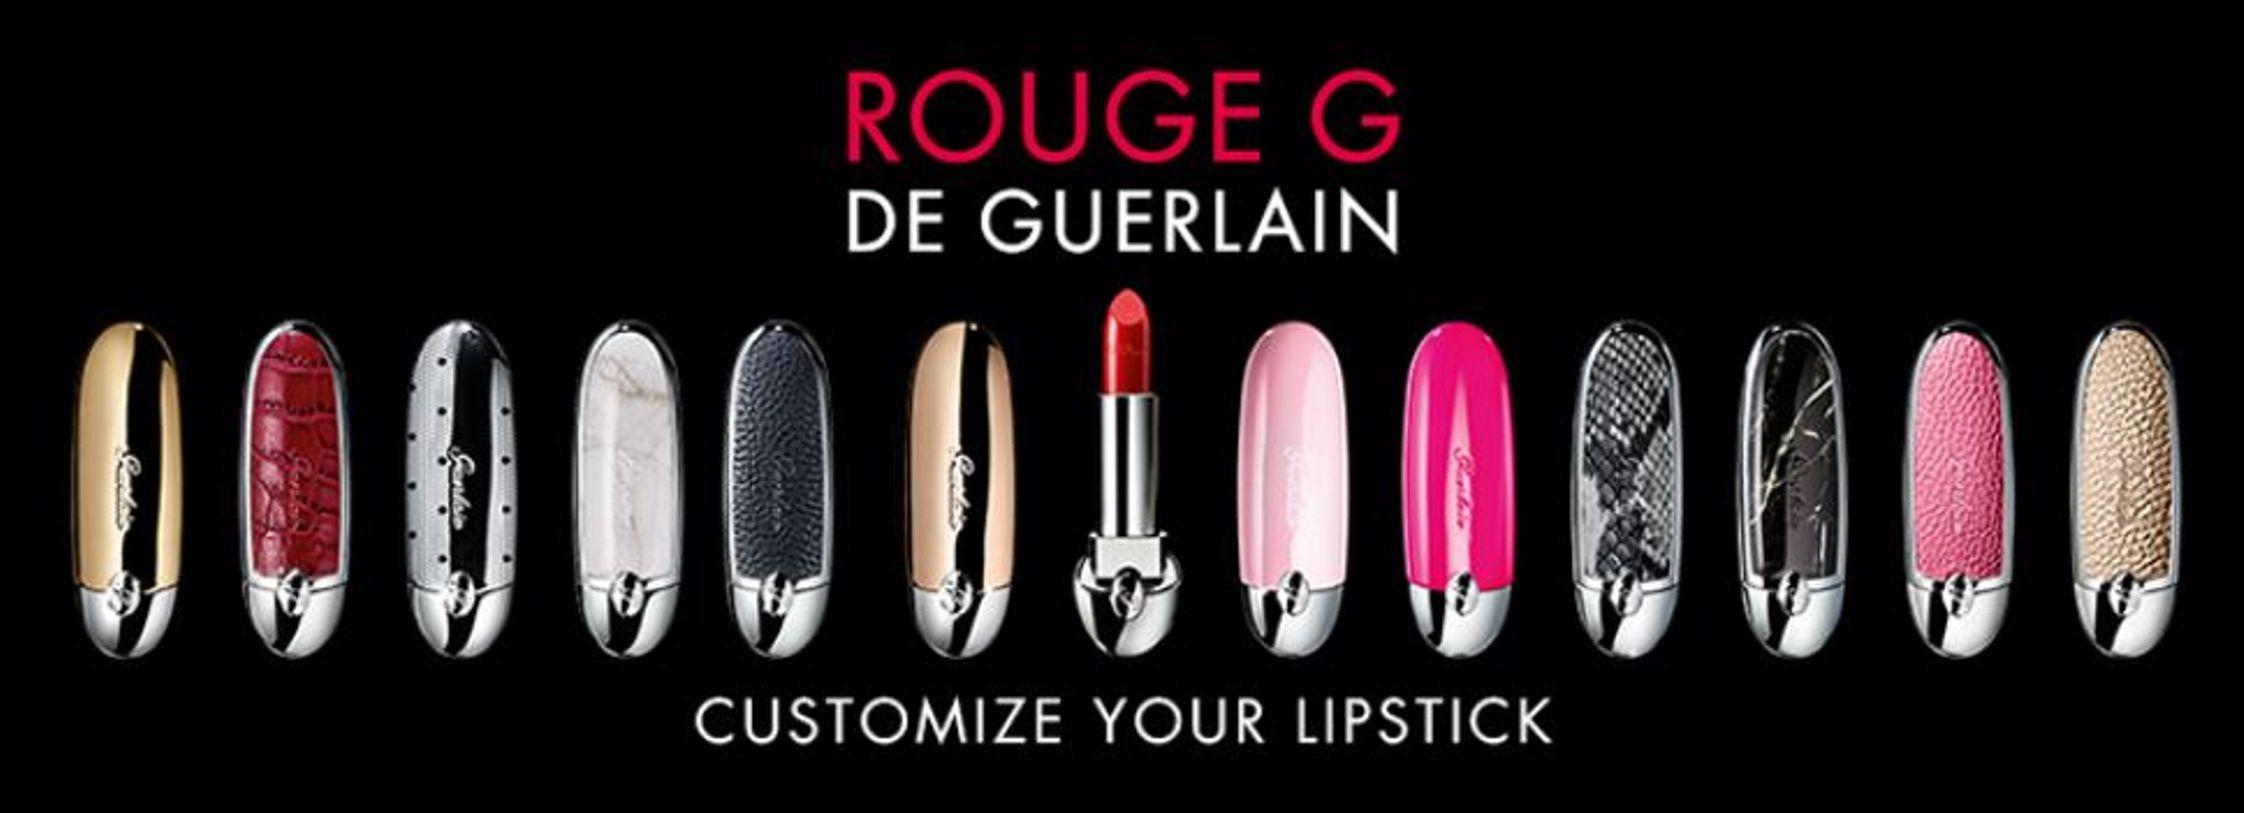 Guerlain Rouge G De Guerlain Customize Your Lipstick Only ...